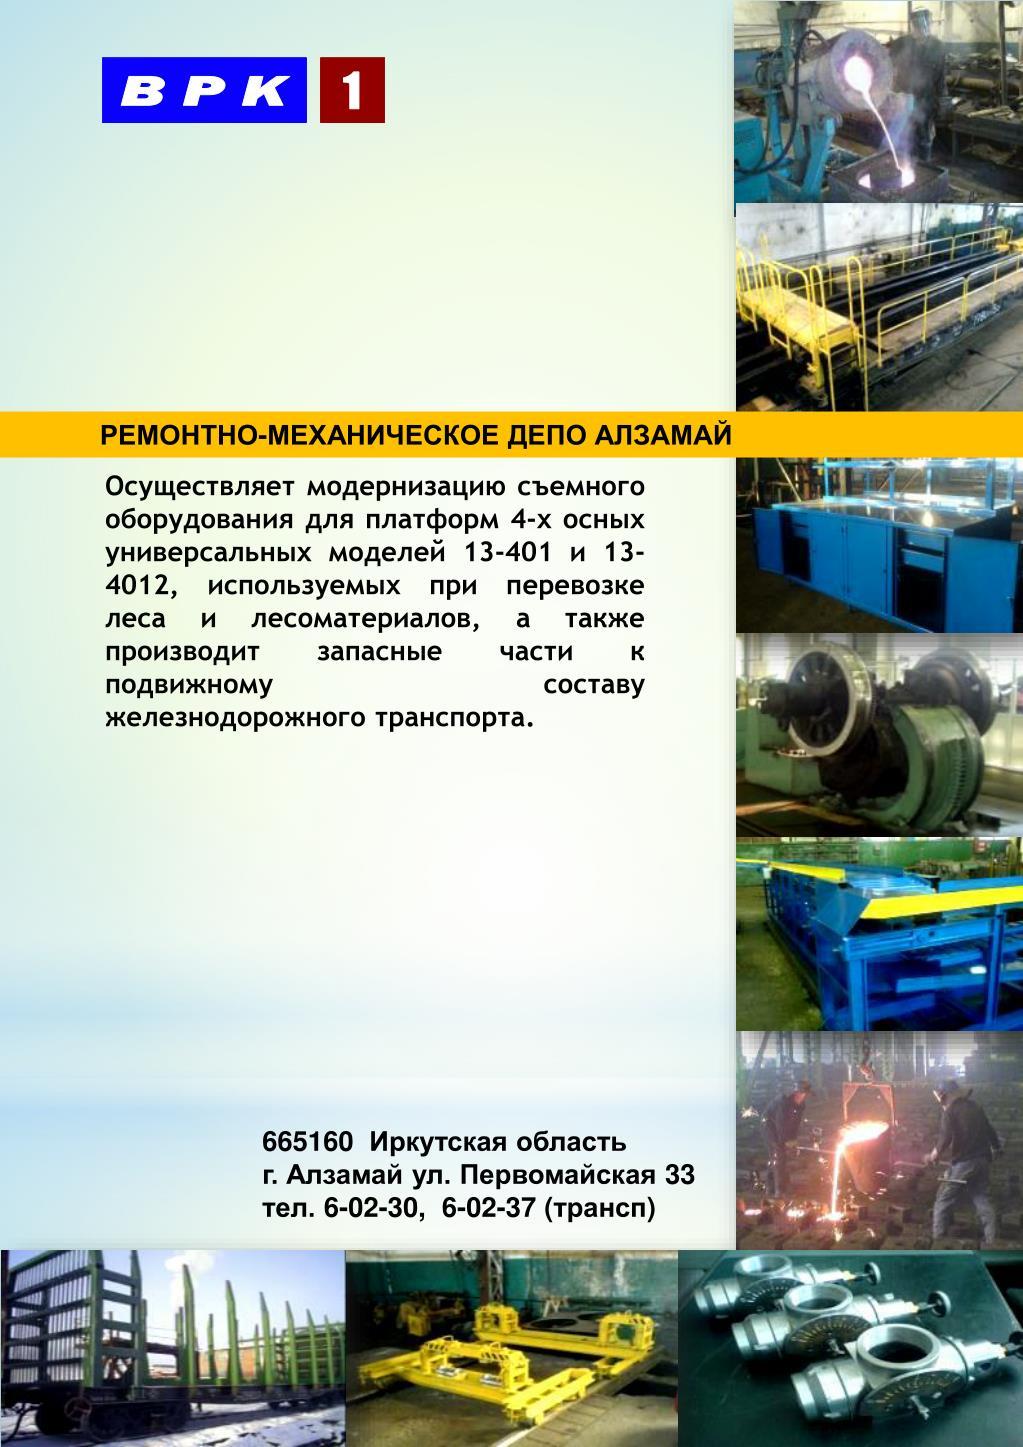 Работа моделью в алзамай работа в петровск забайкальский